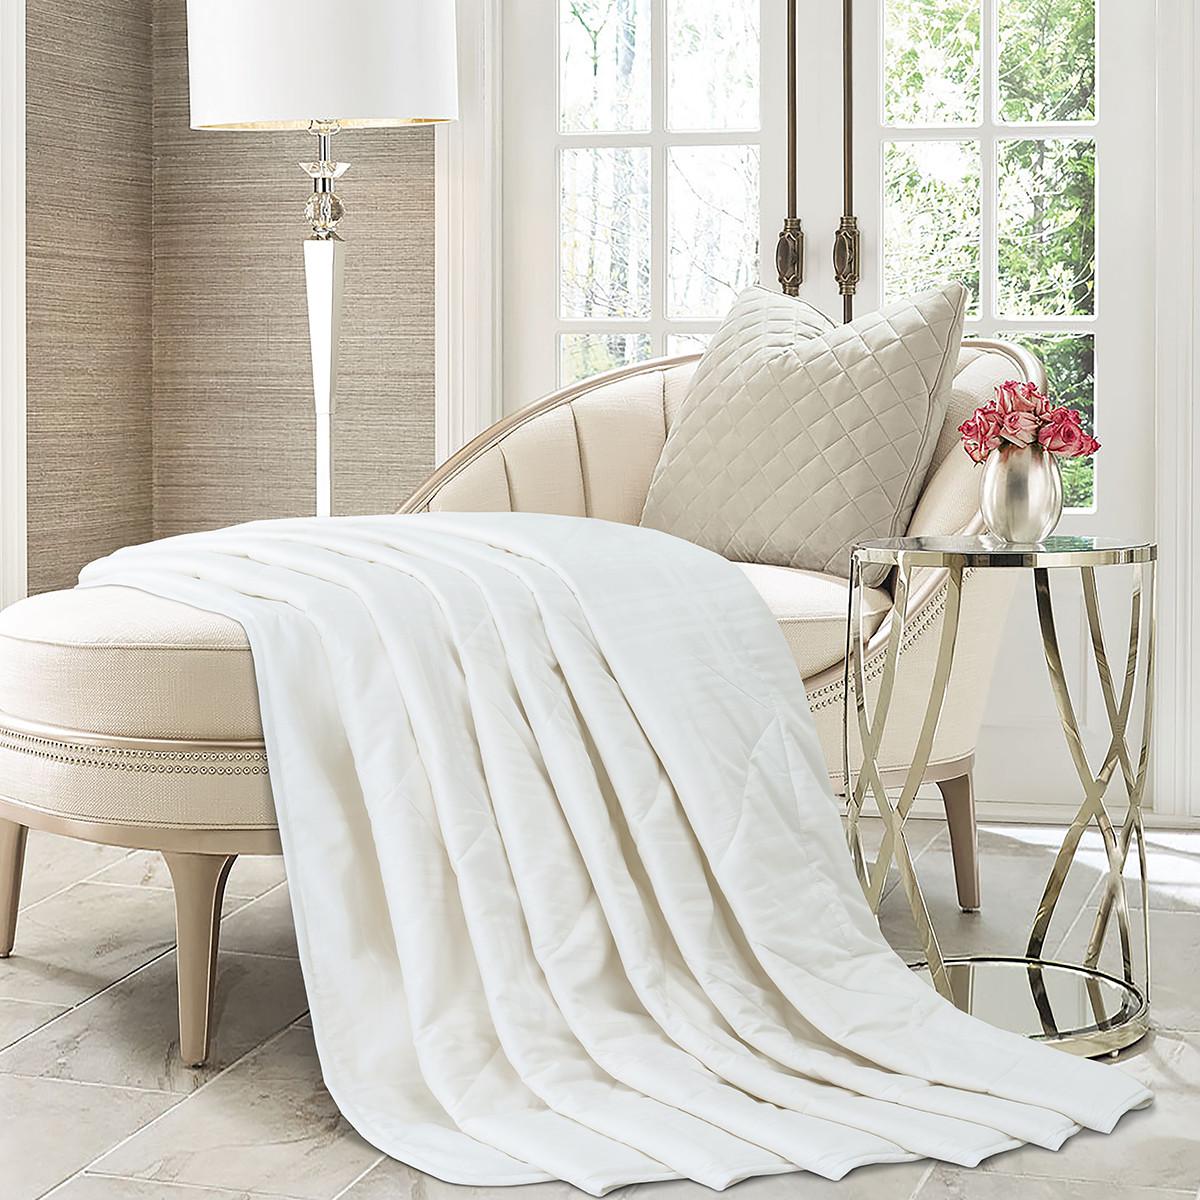 雅兰纯羊毛薄款春秋被双人纯棉保暖1.5m床被芯冬被COLOR恬梦100%纯羊毛夏被